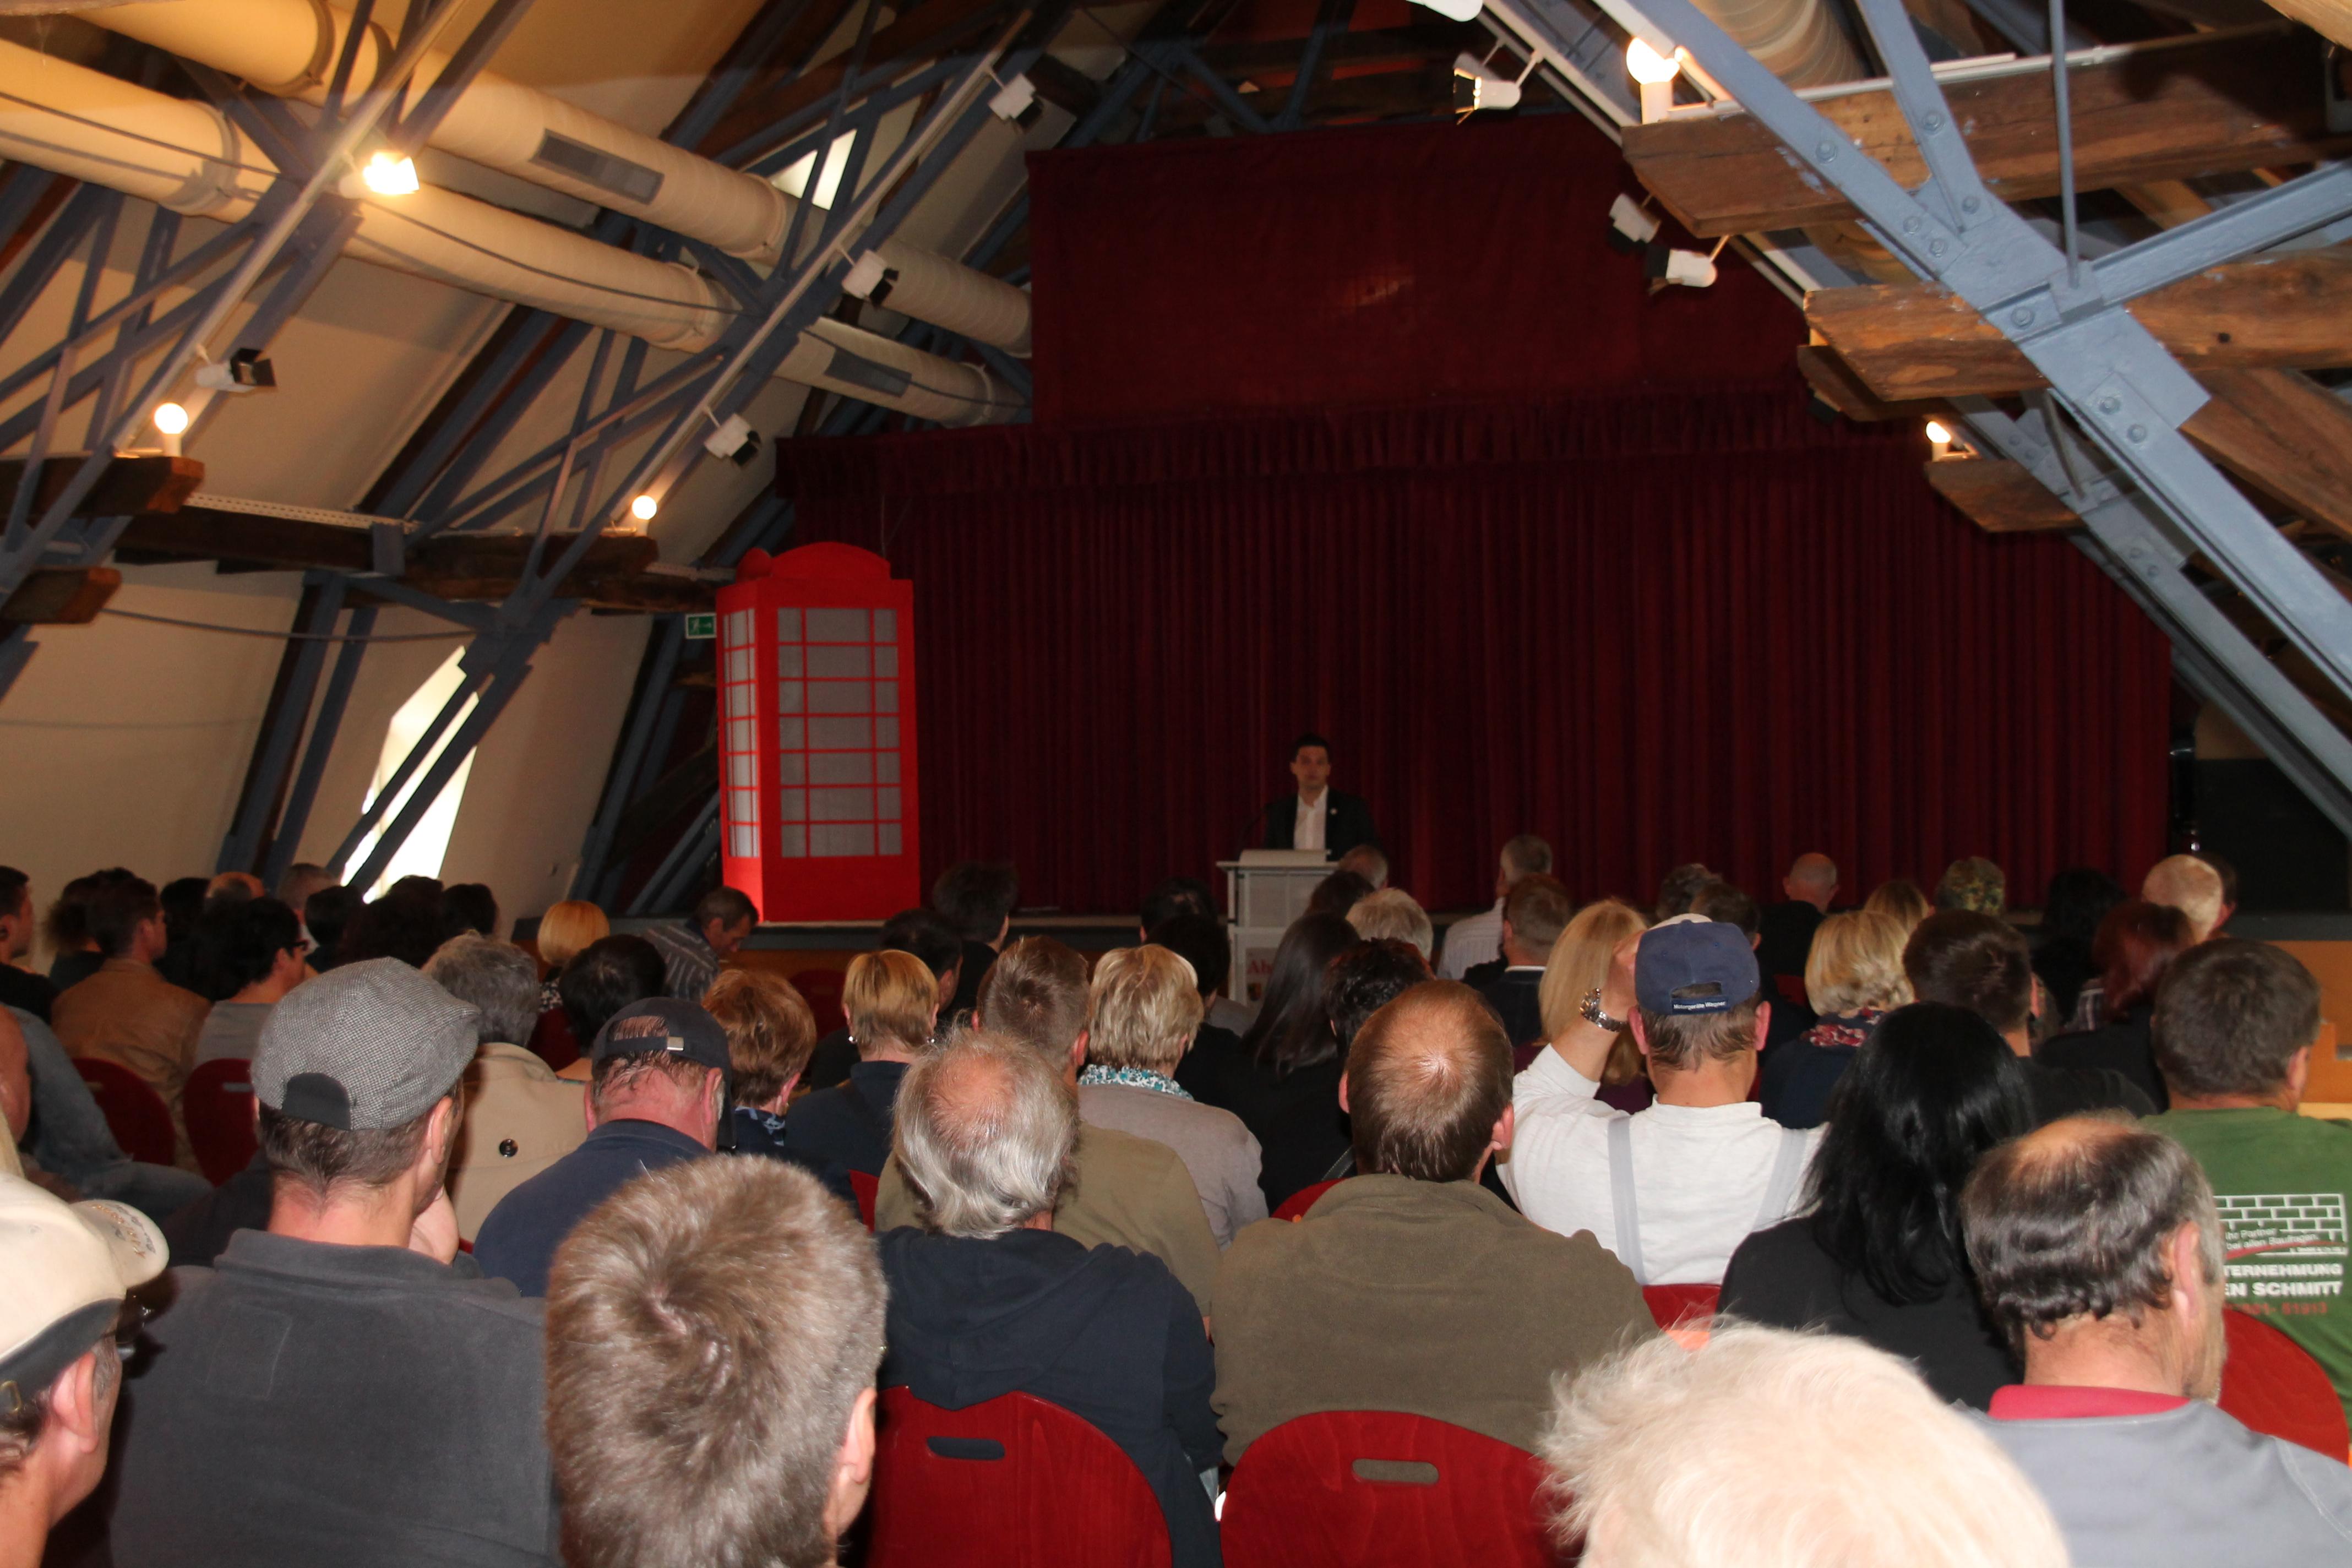 Bürgermeister Sebastian Greiber lud zu seinem Amtsantritt alle Mitarbeiterinnen und Mitarbeiter der Gemeinde Wadgassen am 6. Mai 2014 zu einer Personalversammlung im Abteihof Wadgassen ein.